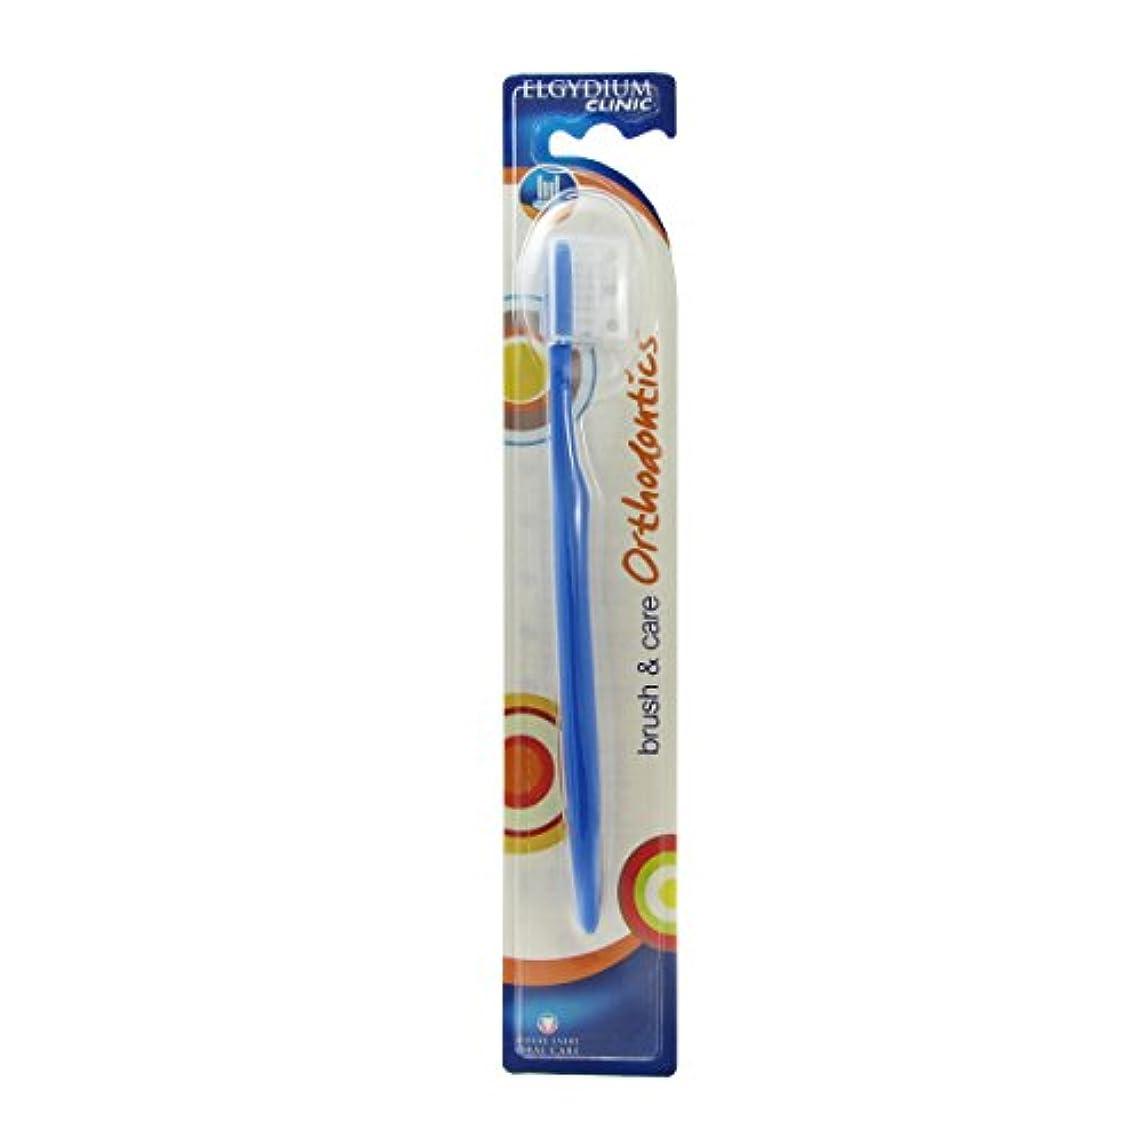 ピアース本質的に焦がすElgydium Clinic Orthodontics Orthodontic Medium Children Toothbrush [並行輸入品]